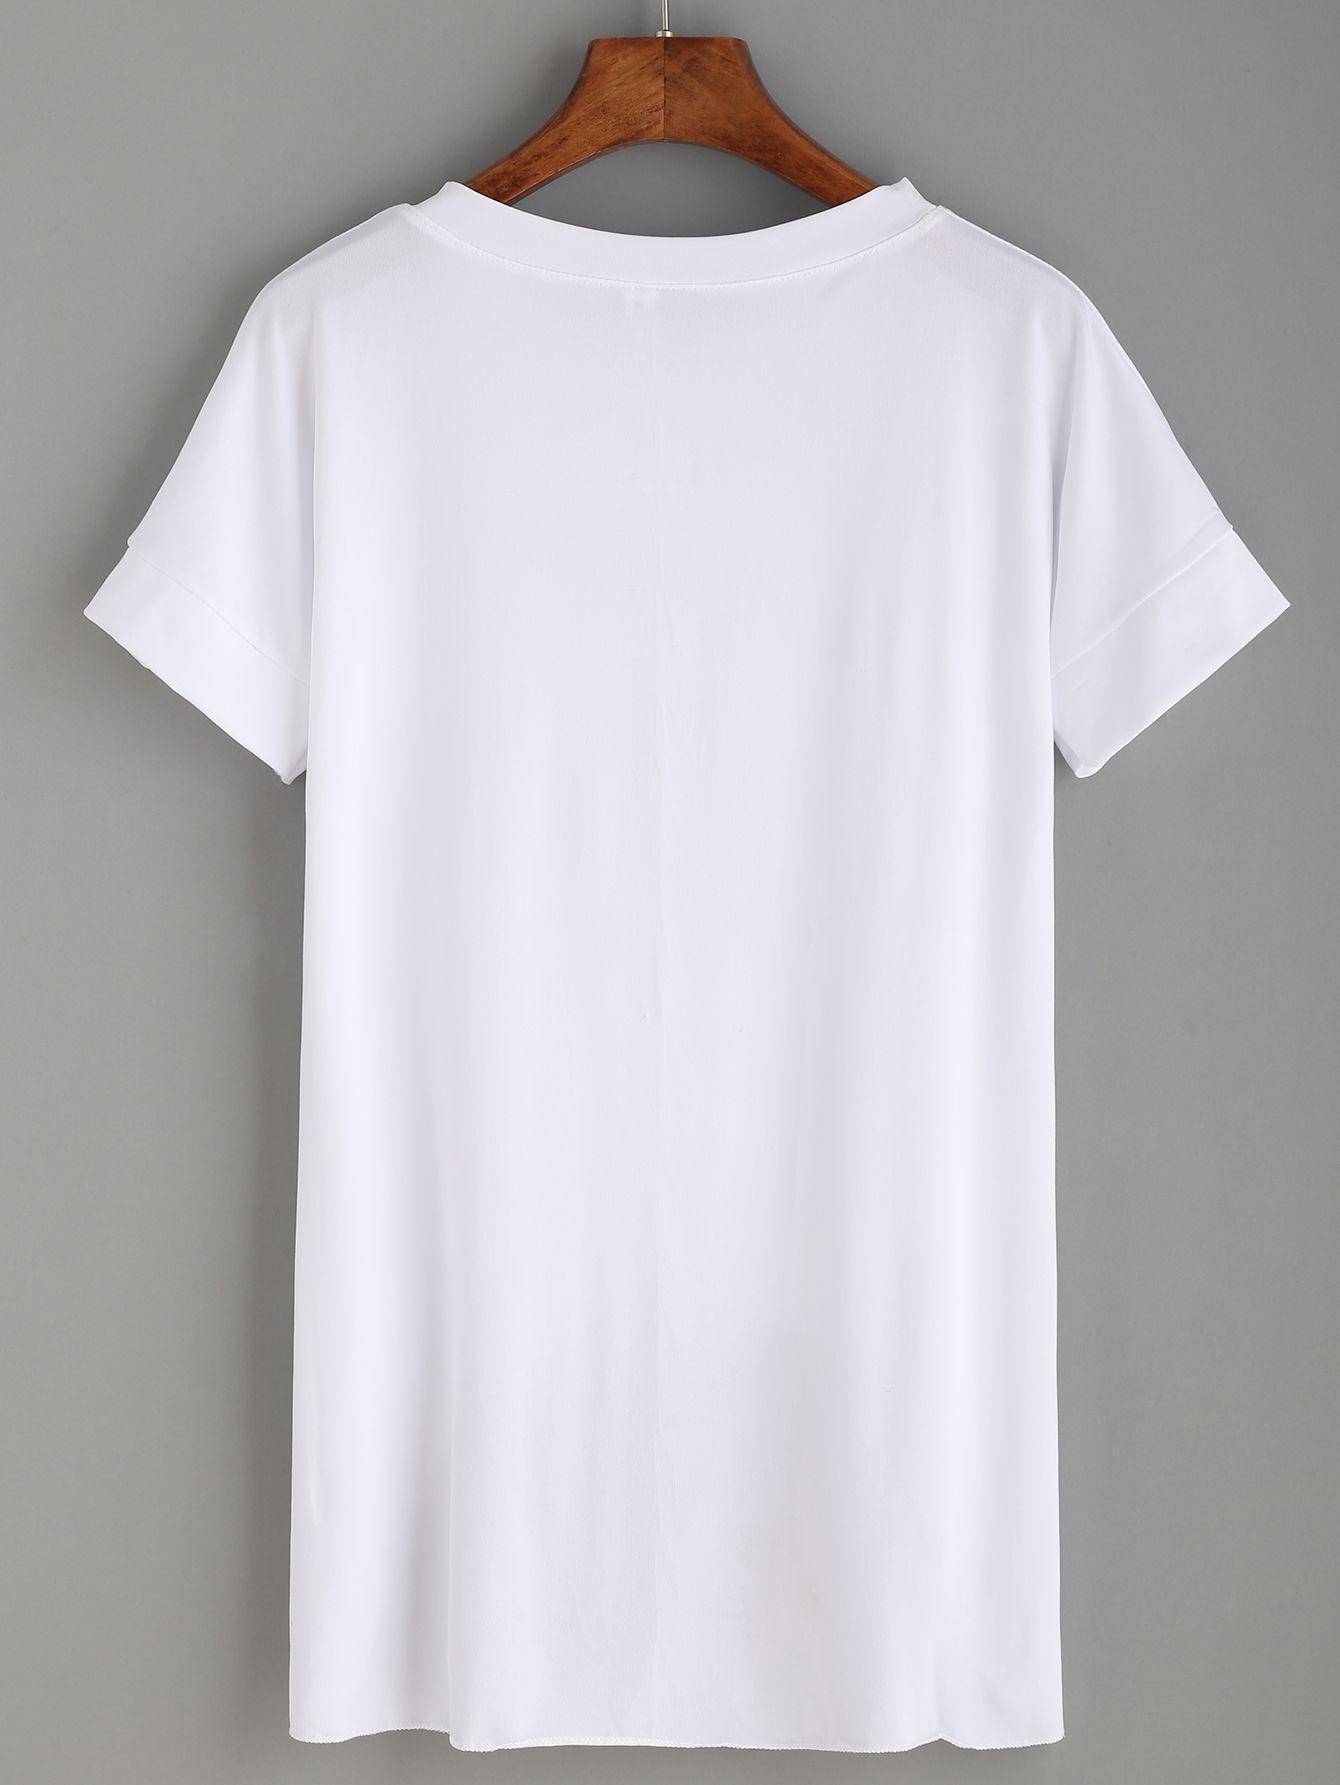 Download Rtsh160727134 2 Pakaian Pria Model Pakaian Baju Kaos